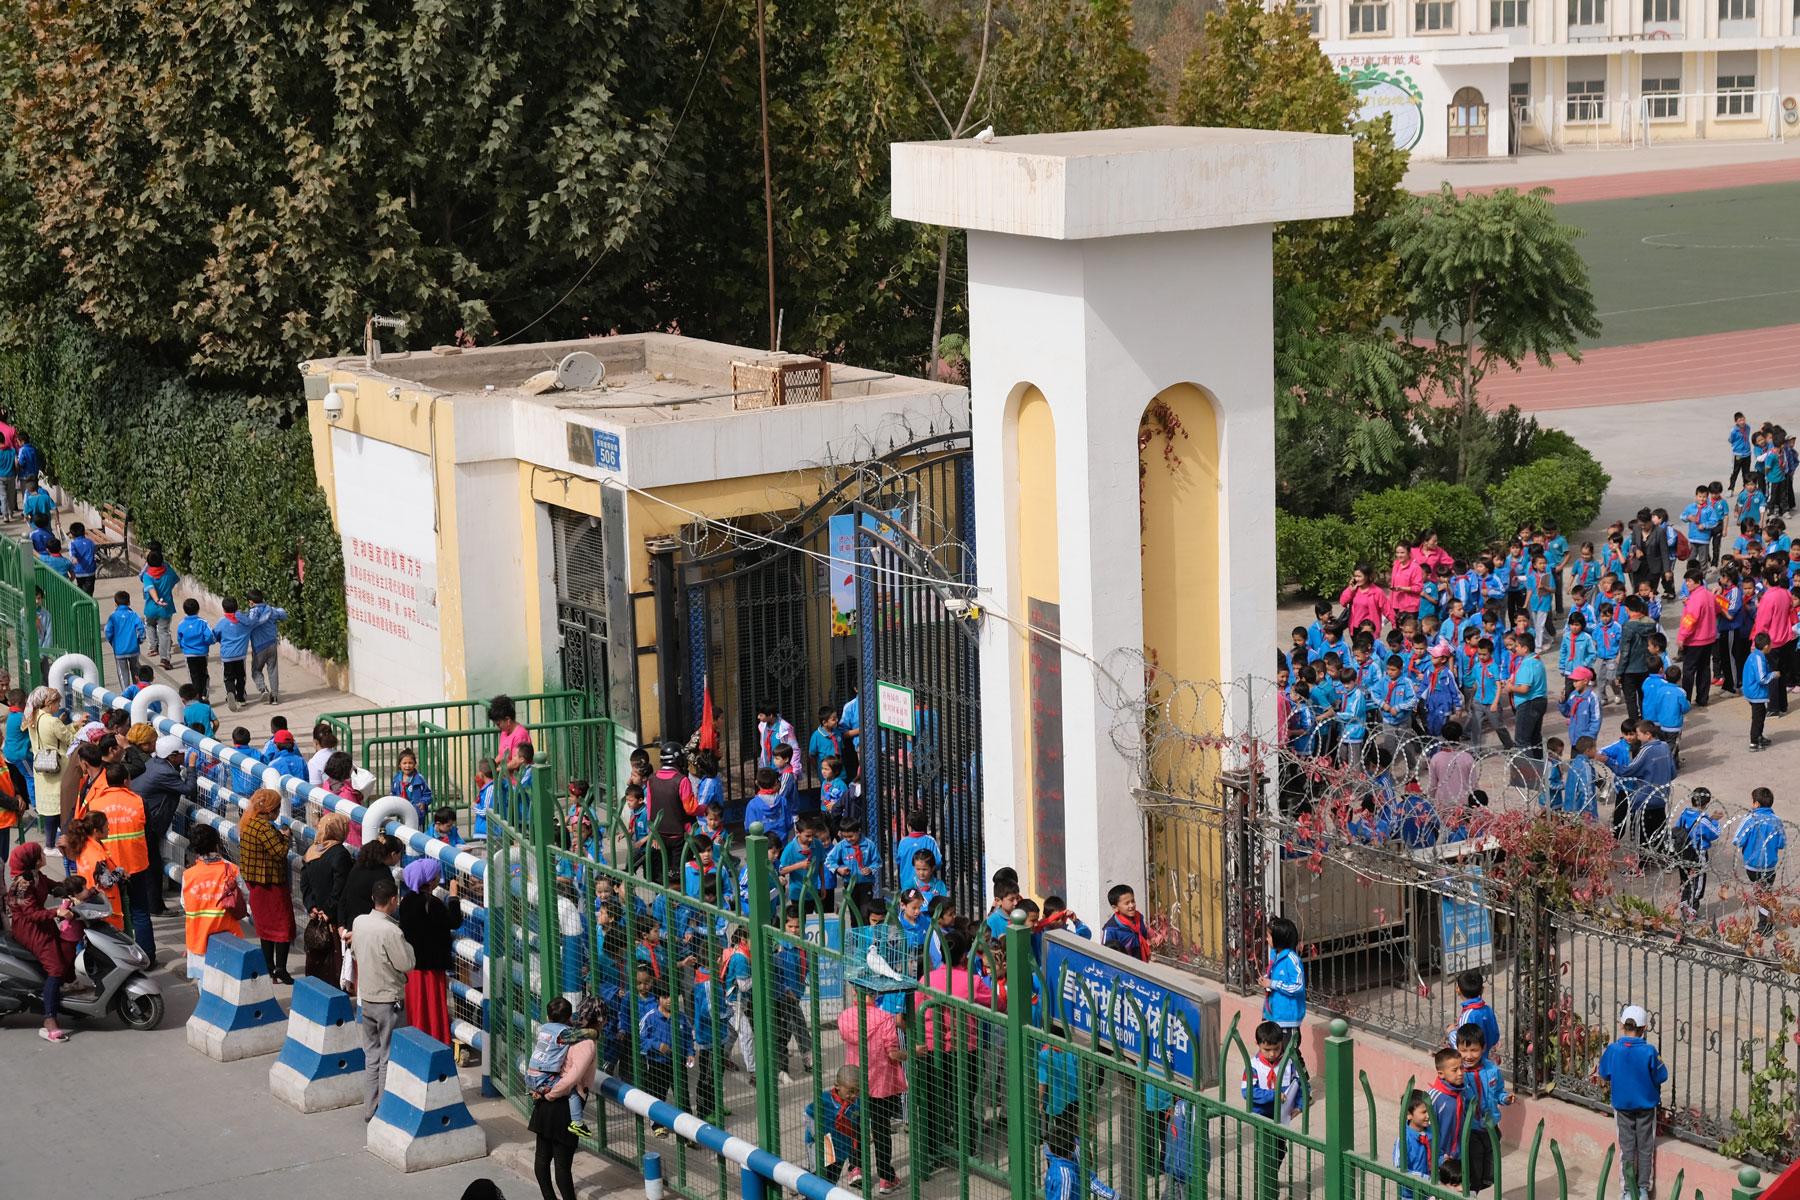 Vom Zimmer aus können wir auf die benachbarte Schule blicken, die mit Stacheldraht und Sicherheitsschleuse unliebsame Besucher fern hält